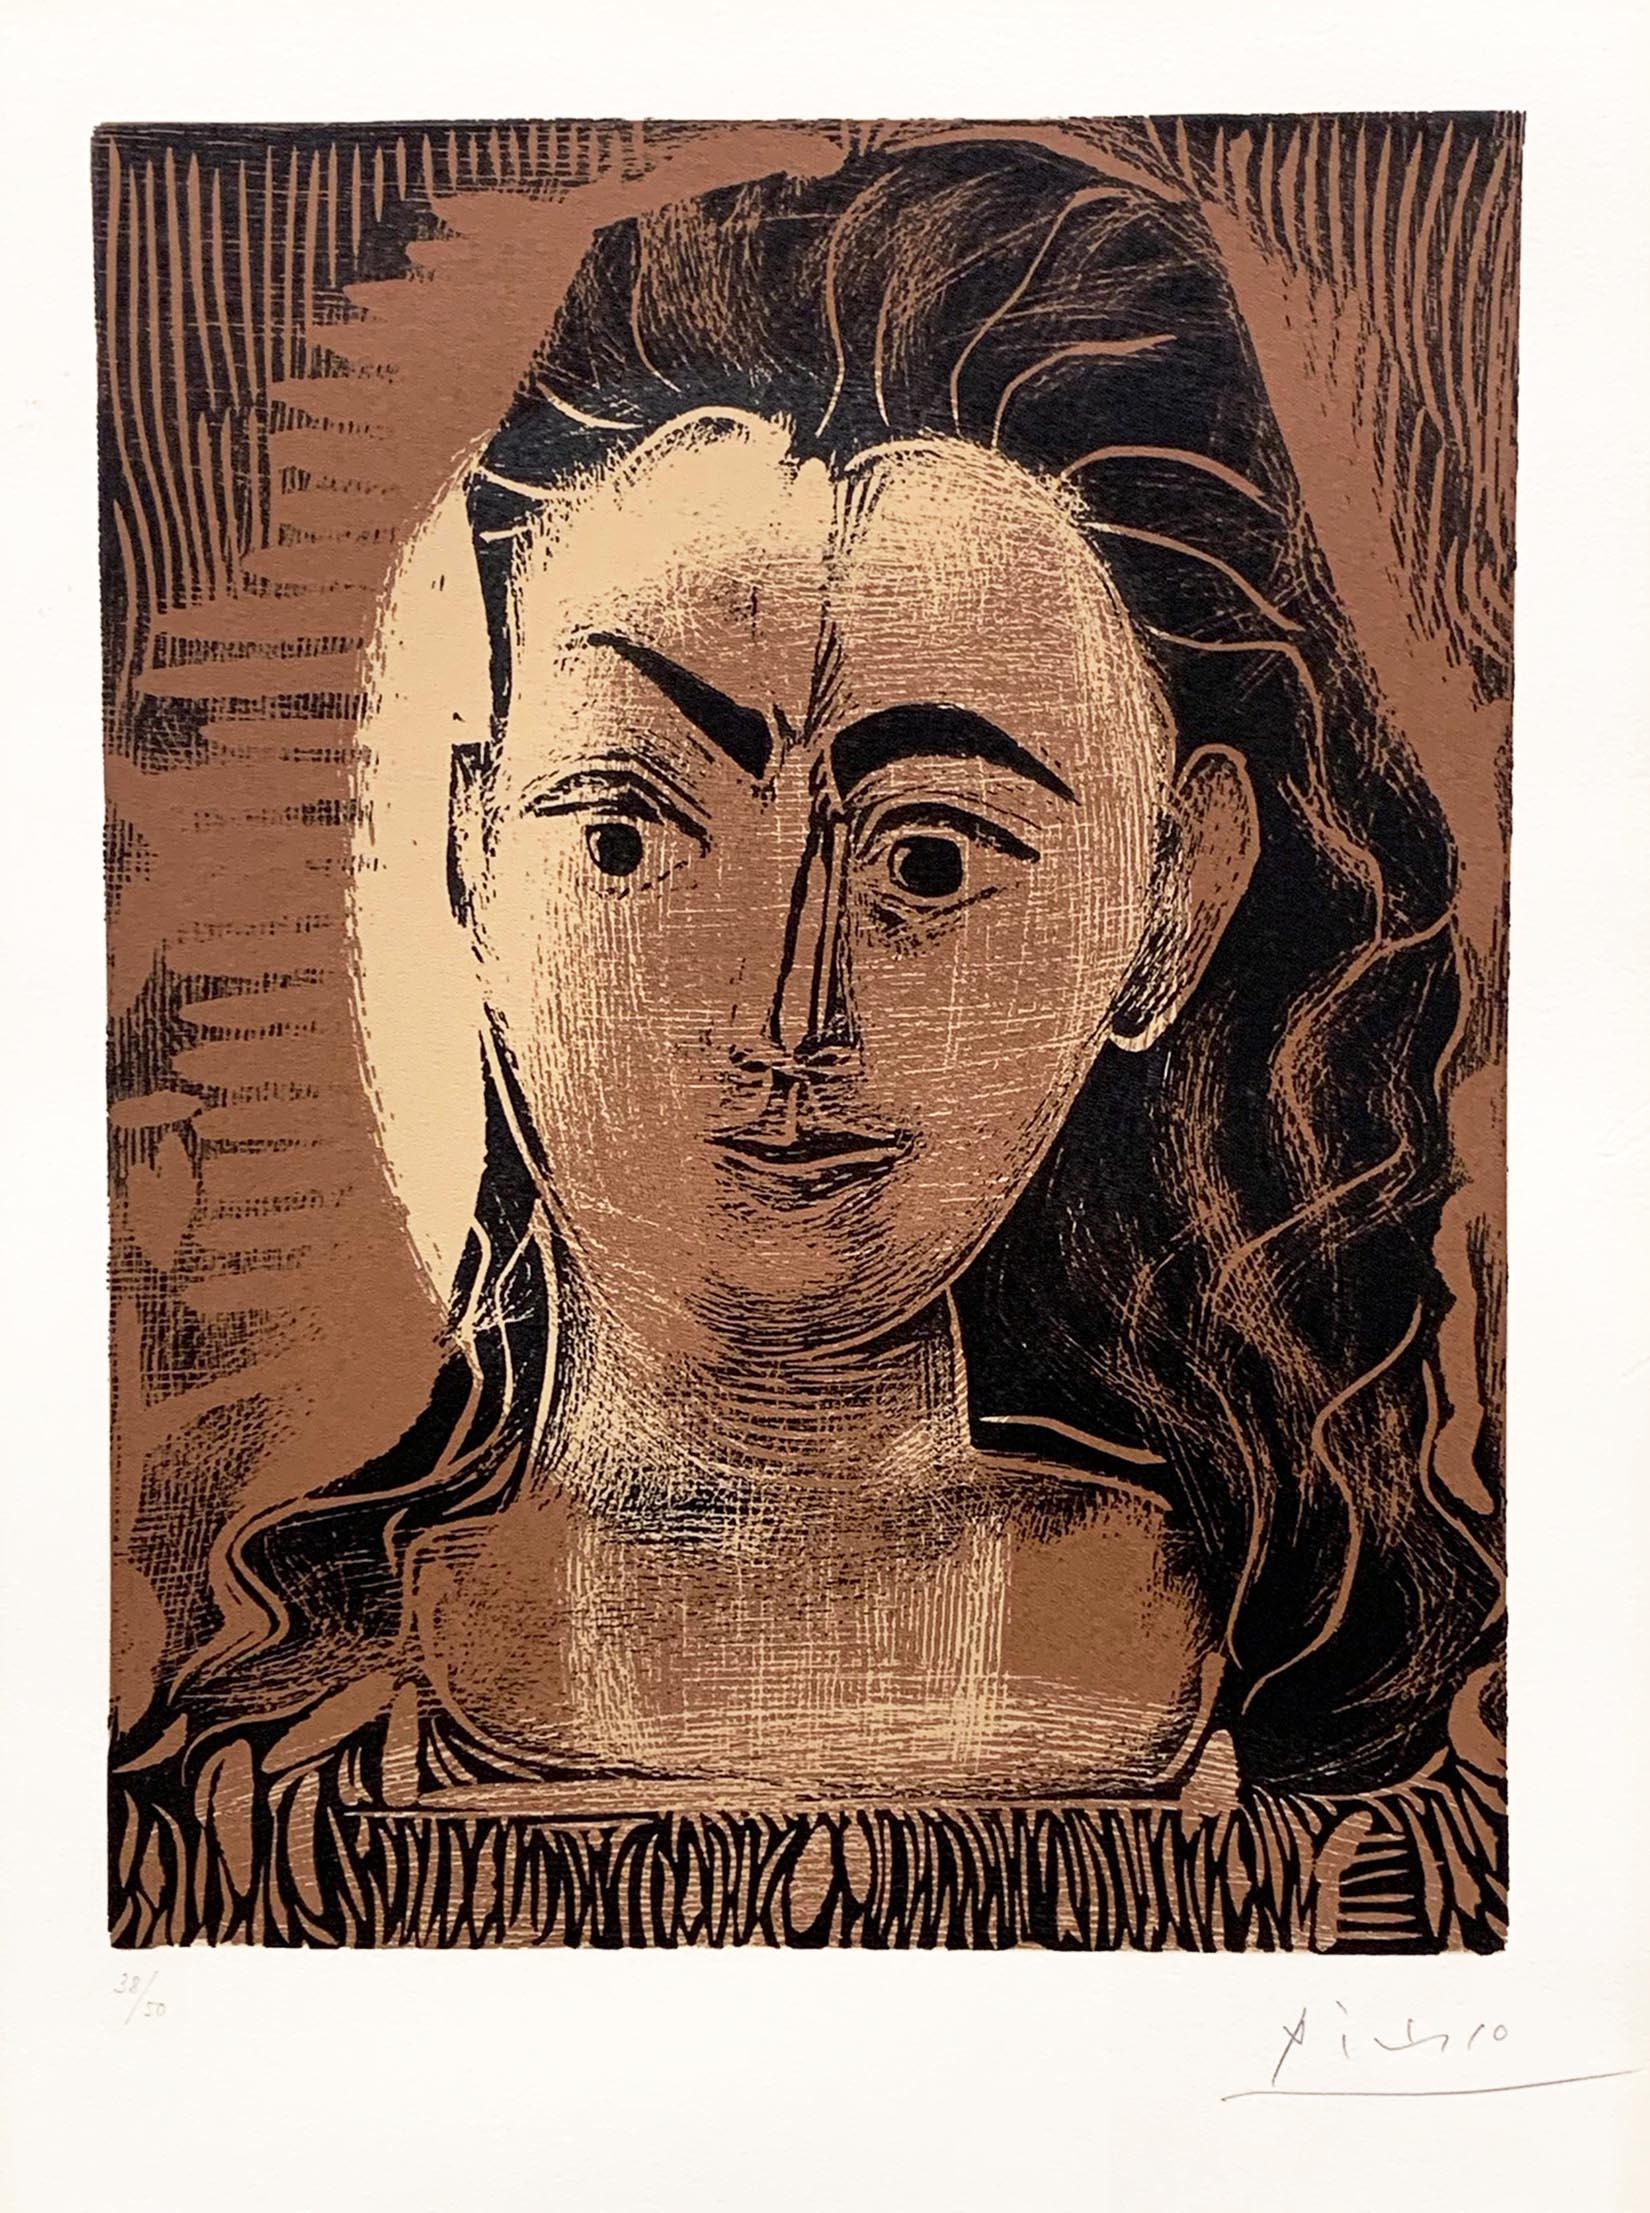 Petite Buste De Femme (small Portrait Of A Woman) by Pablo Picasso